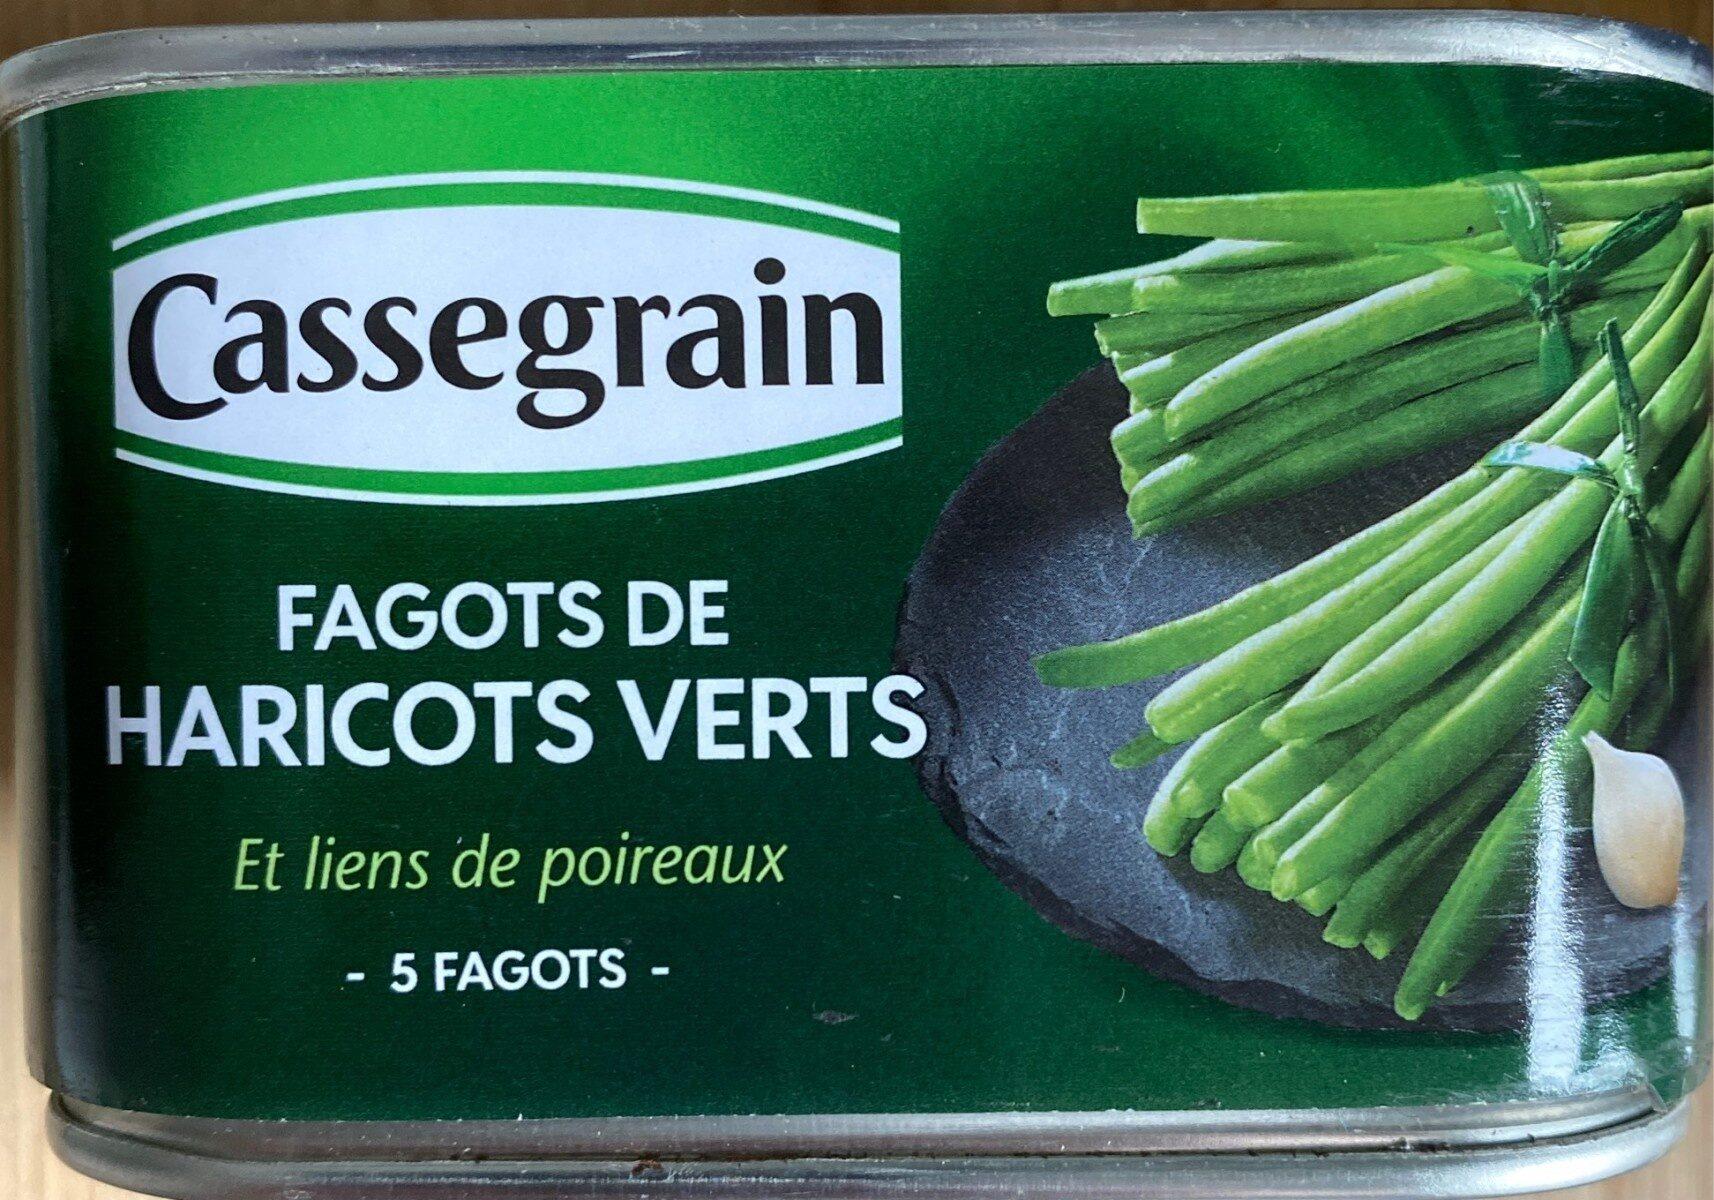 Fagots de haricots verts et liens de poireaux - Produkt - fr